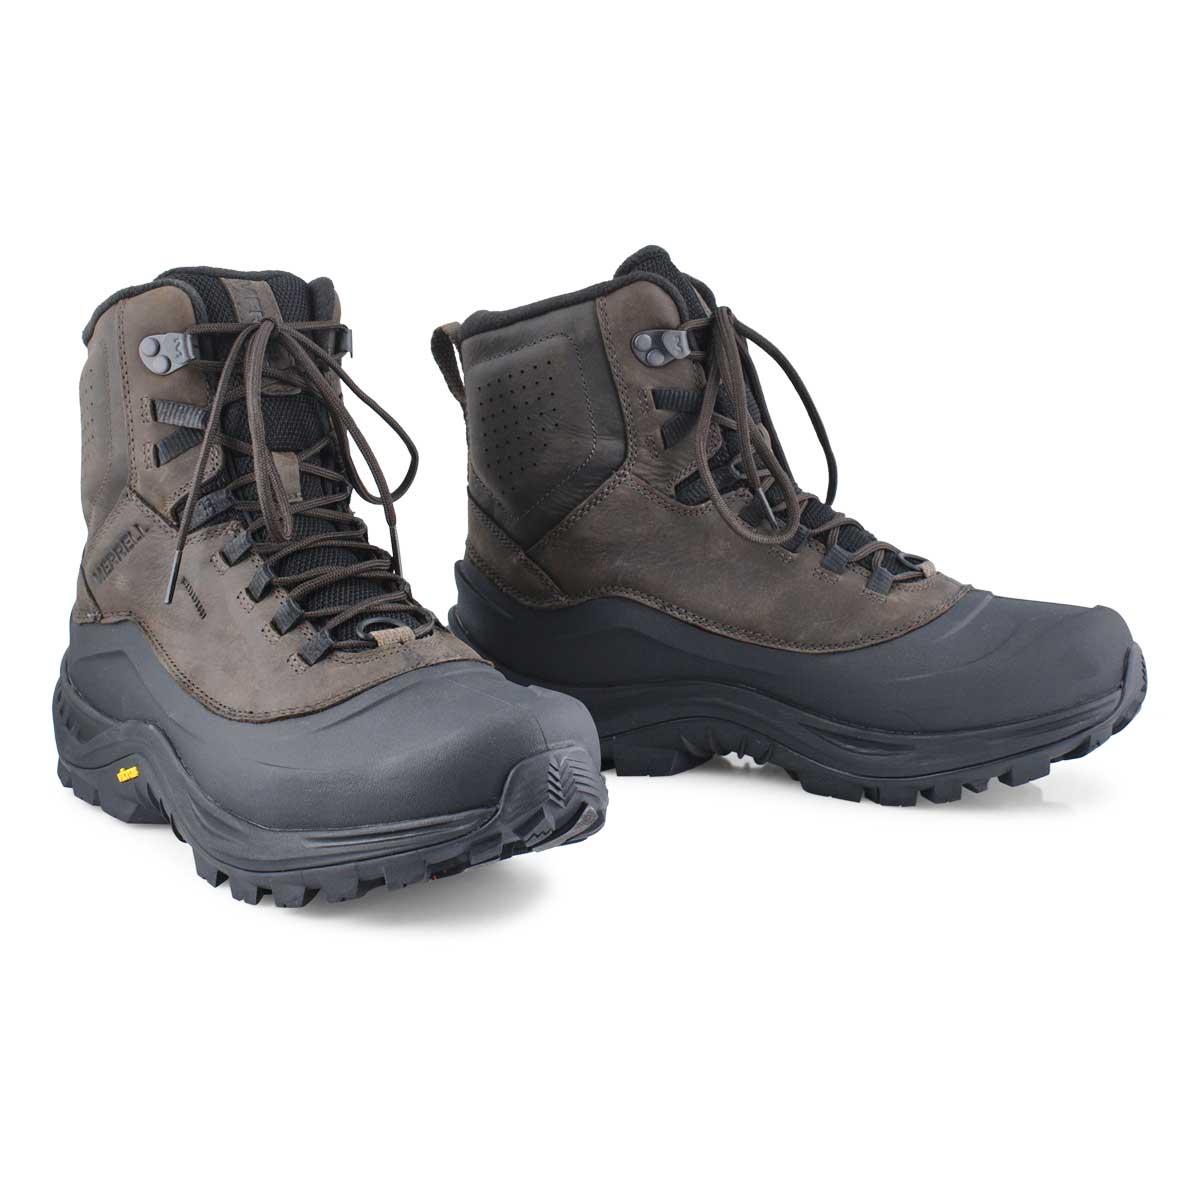 Men's Thermo Overlook 2 Waterproof Winter Boot